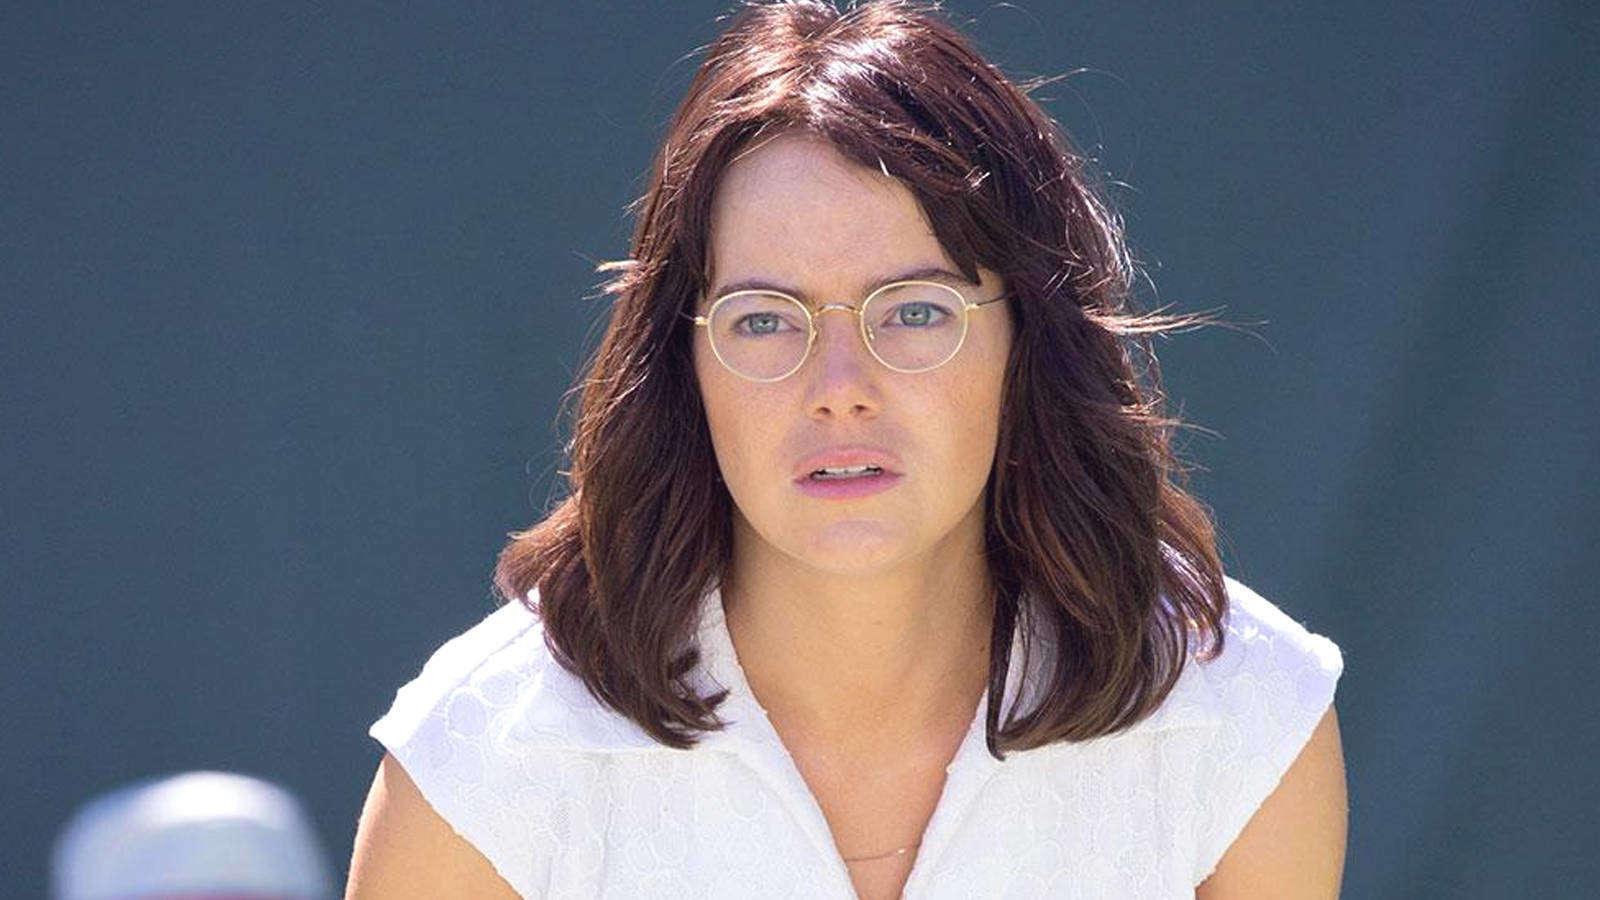 Glasses for green eyes